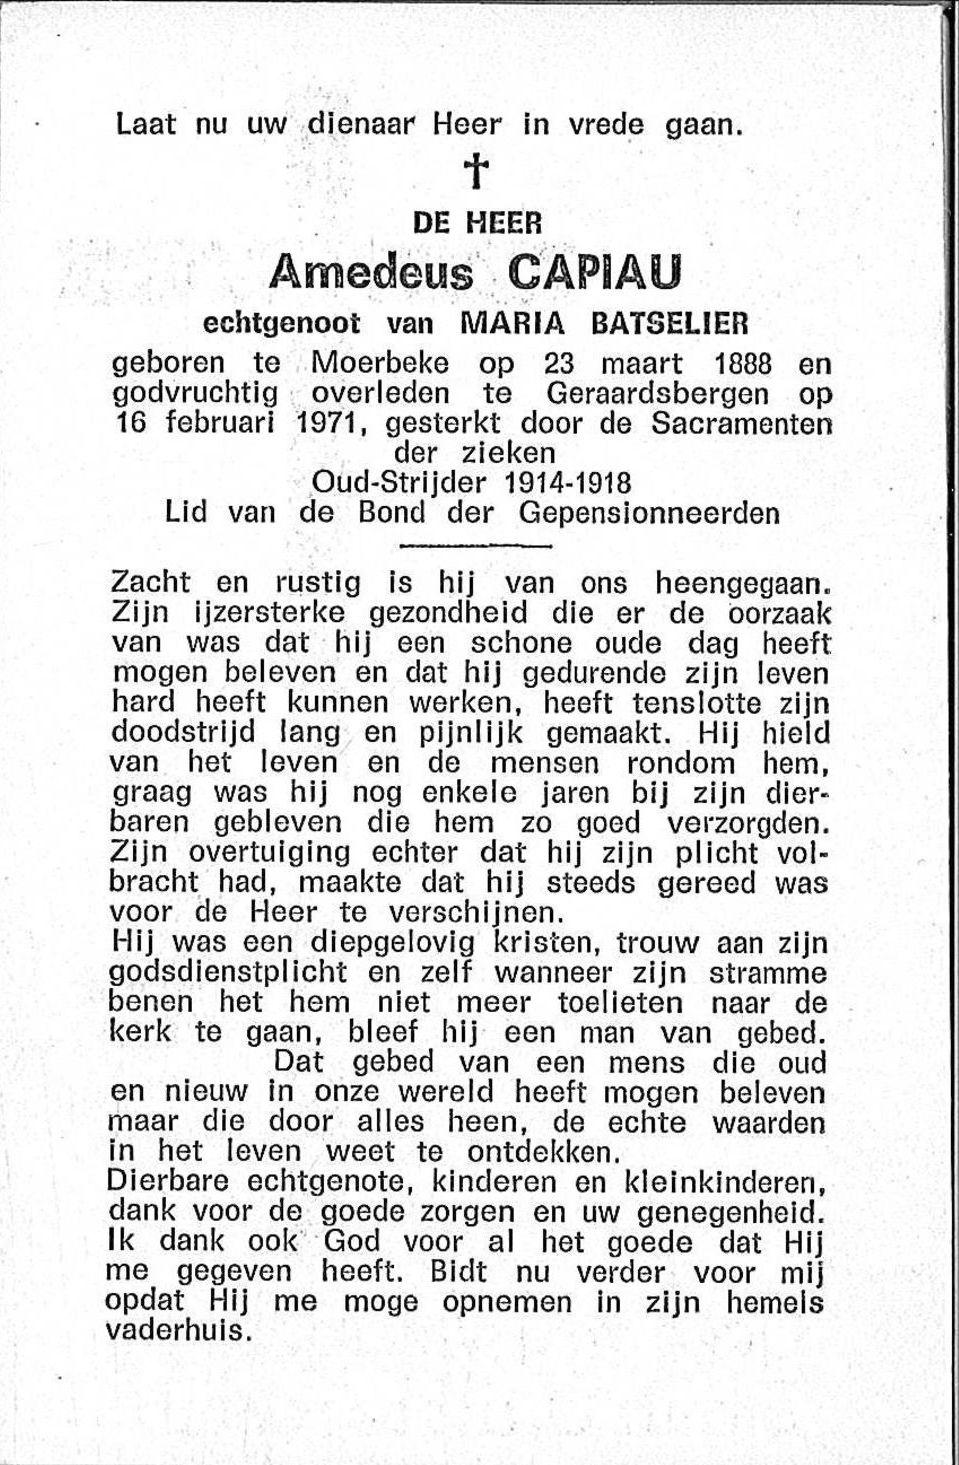 Amedeus Capiau